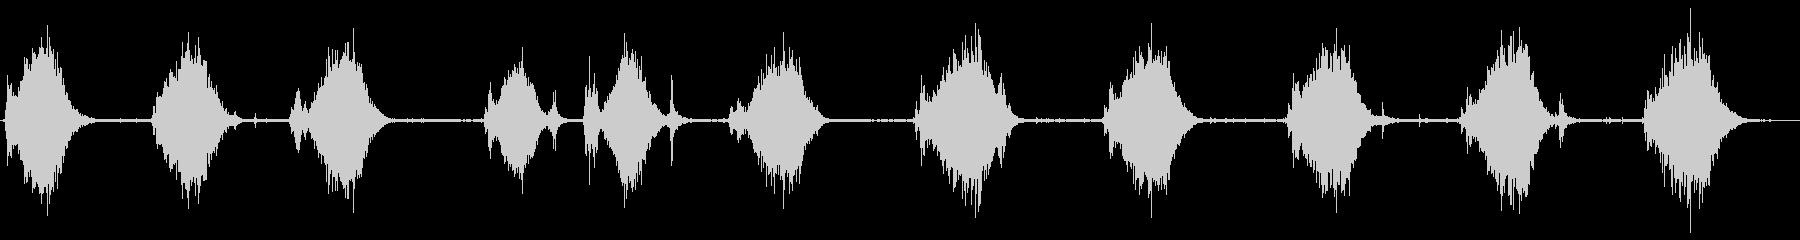 ハードコーンブルーム:ロングスイー...の未再生の波形